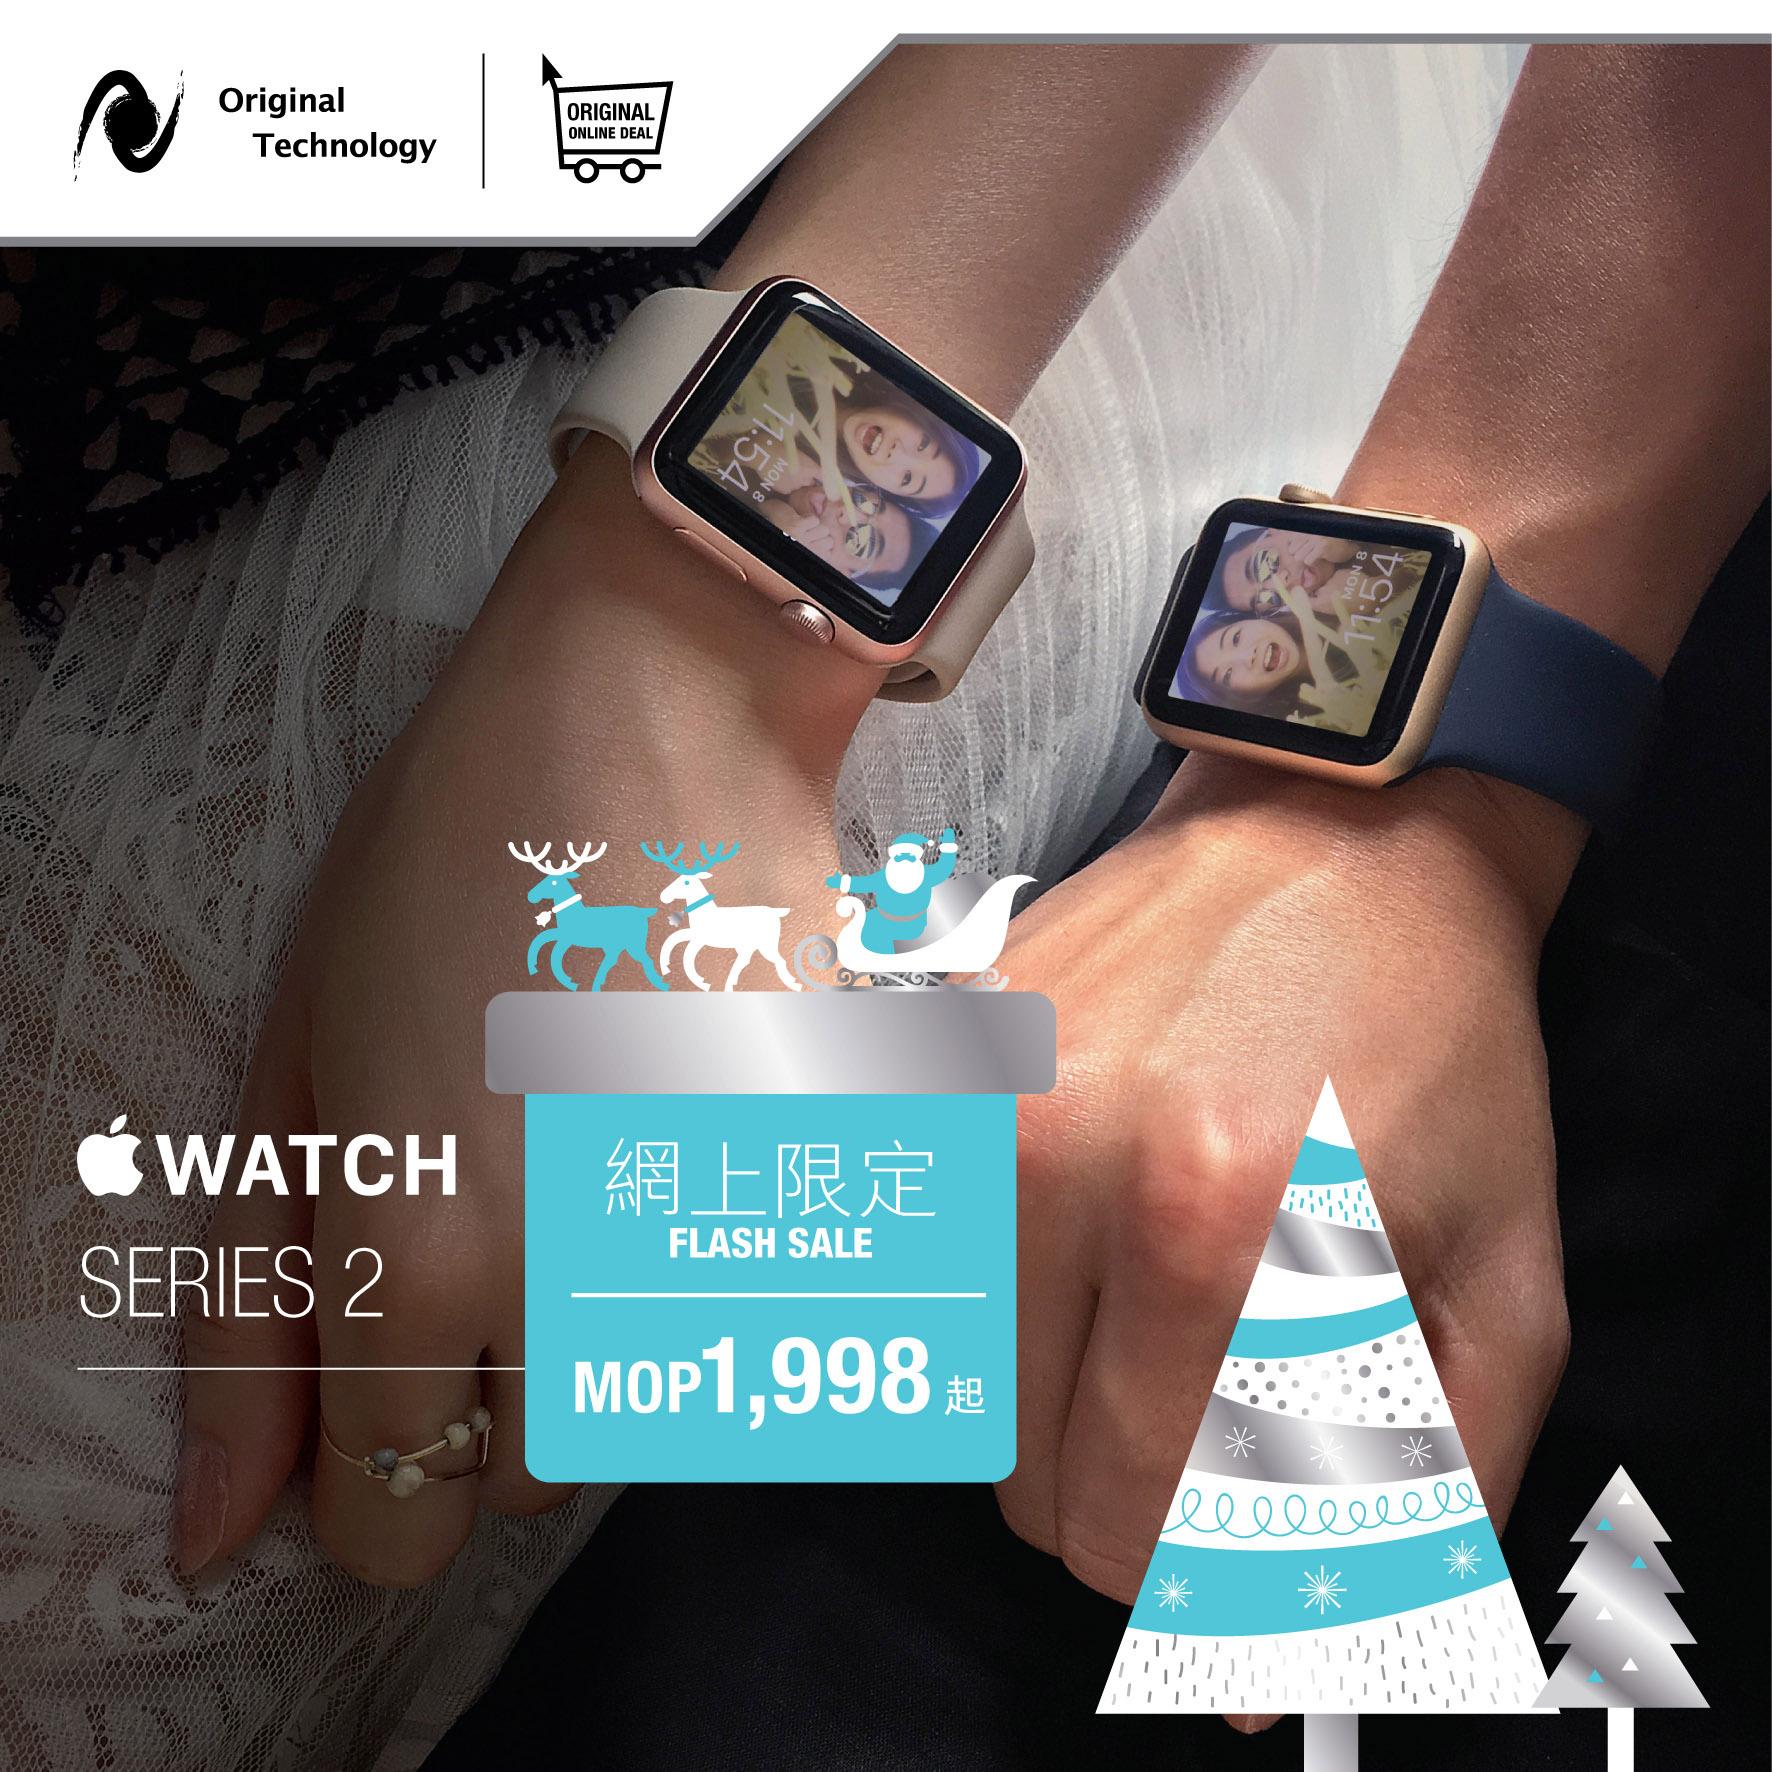 【限時優惠】Apple Watch Series 2 - 今次出售嘅貨品是 Apple Watch Series 2,現於「Original 網上限定」以「限時優惠」價 MOP1,998* 起出售,網上訂購最多平 MOP990!